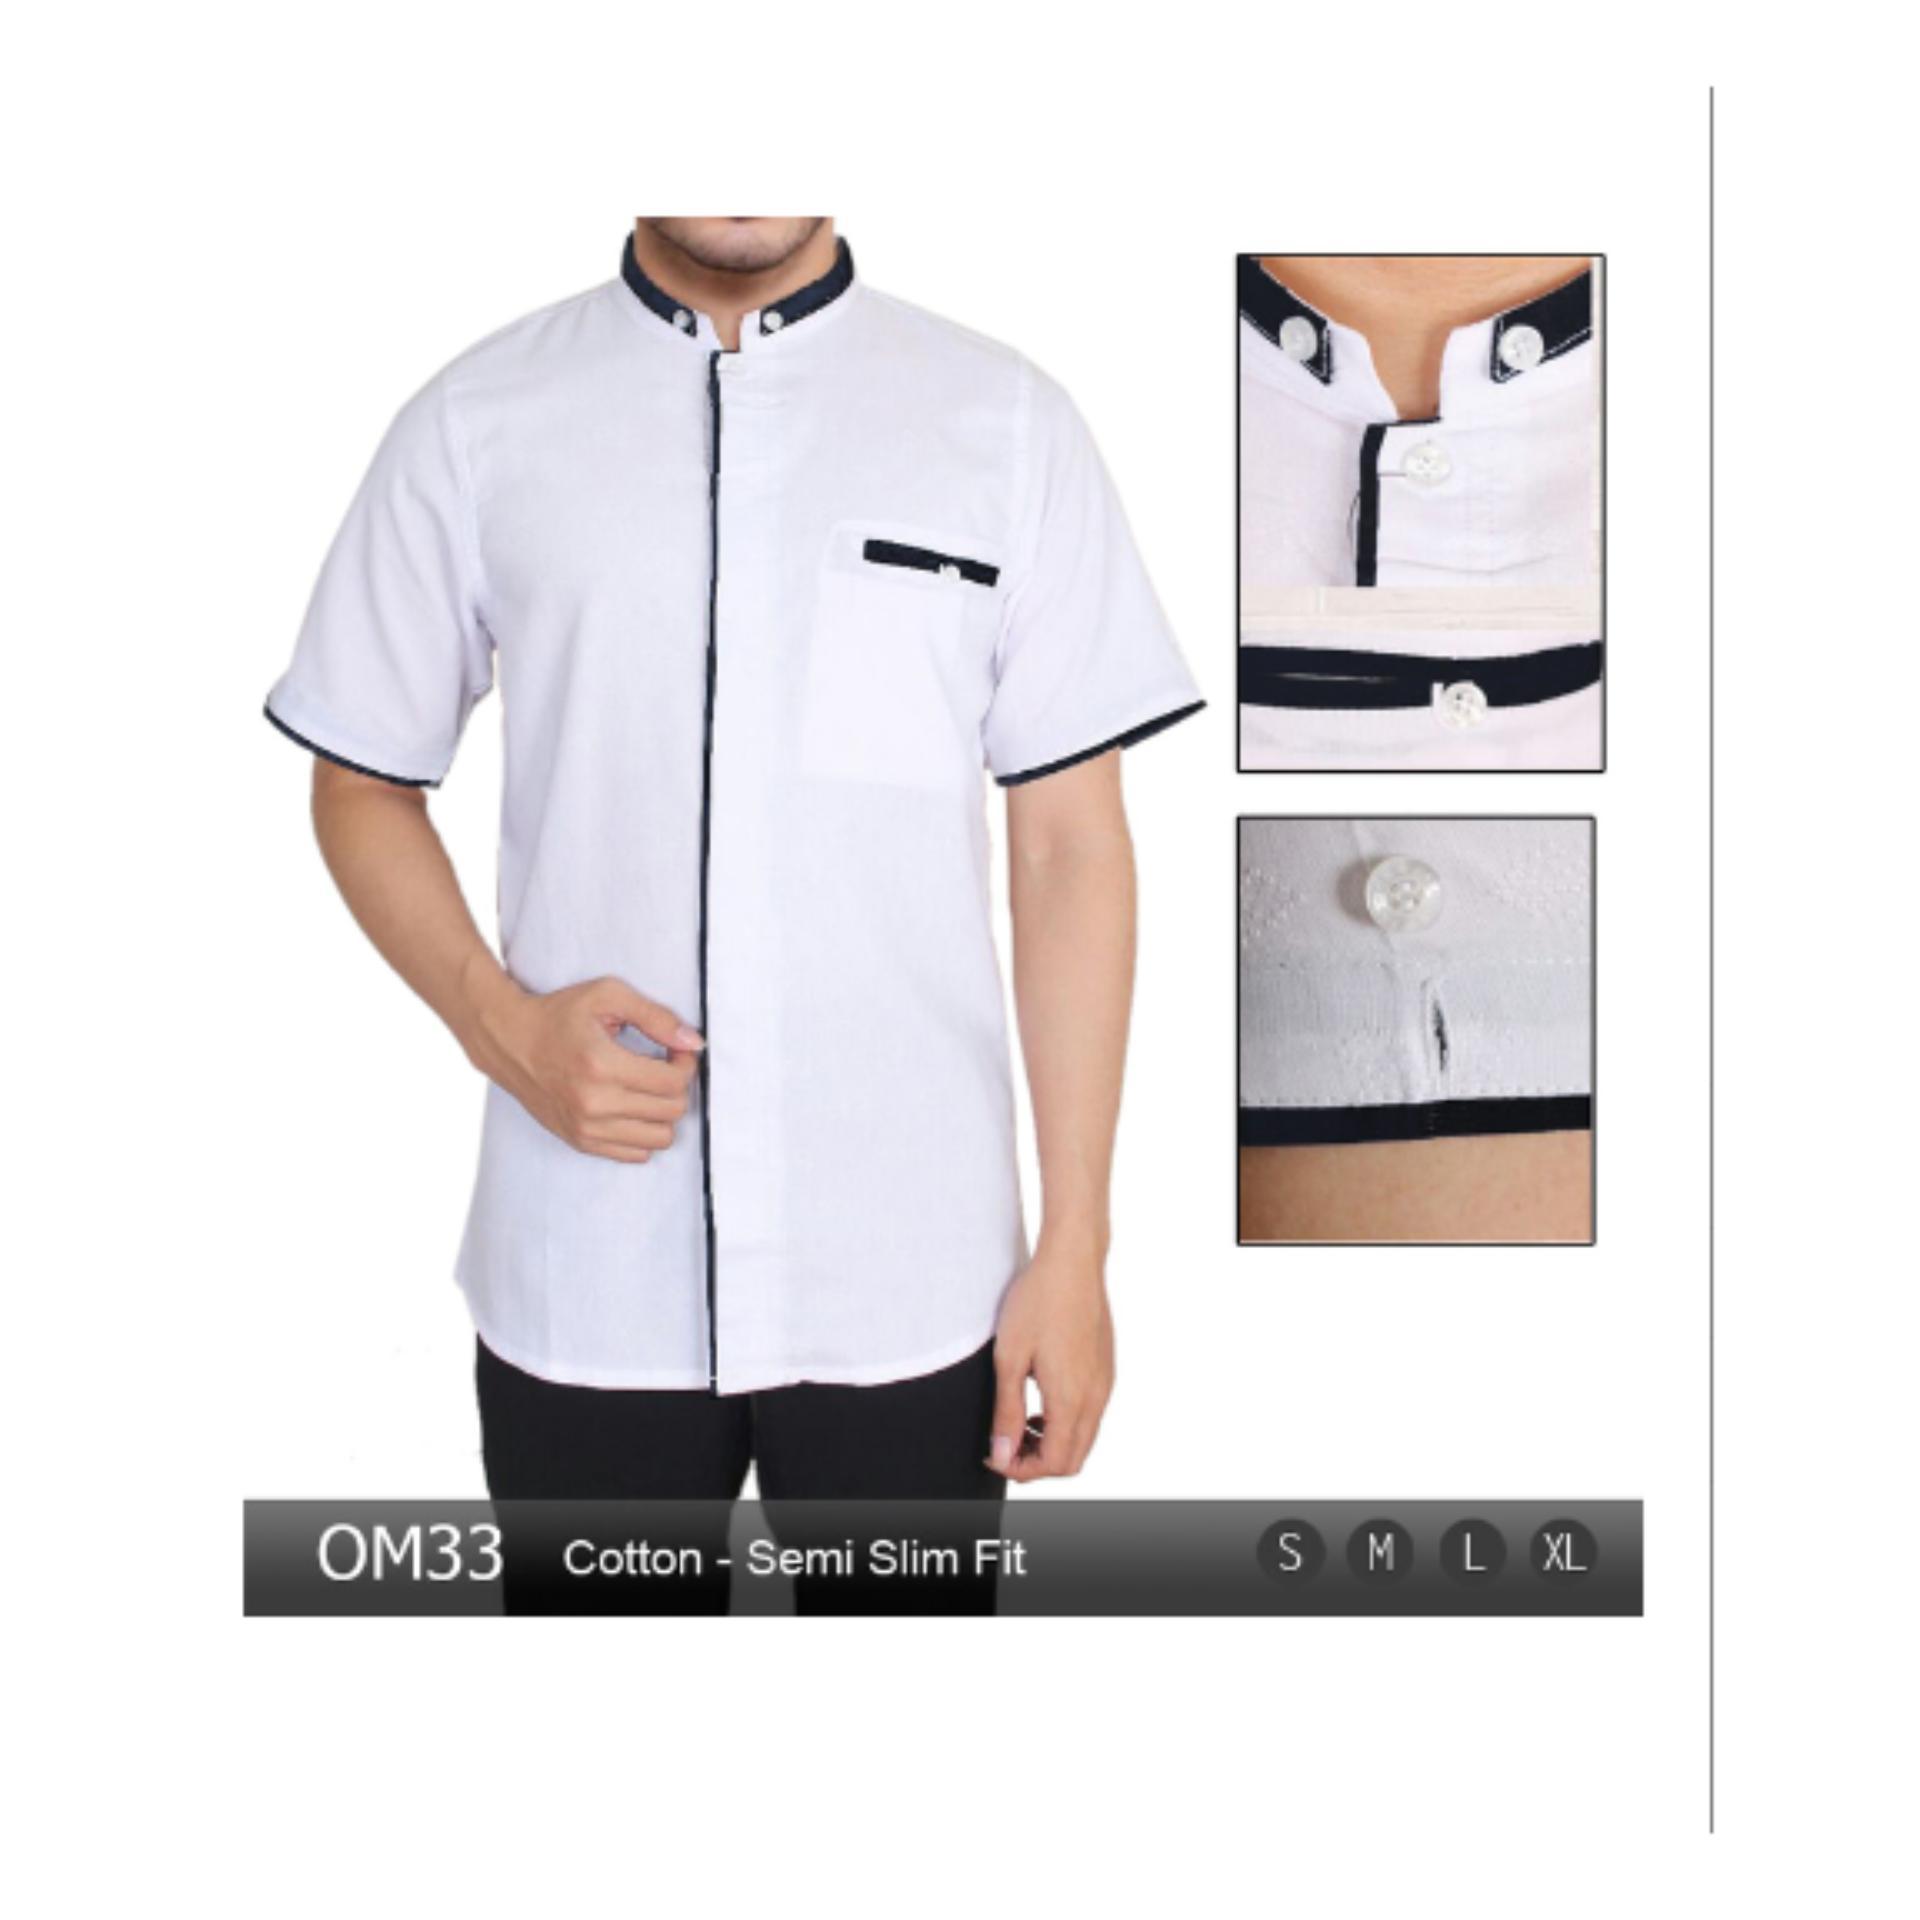 Baju Pria Modern / Kemeja Koko Lengan Pendek Slim Fit OM33